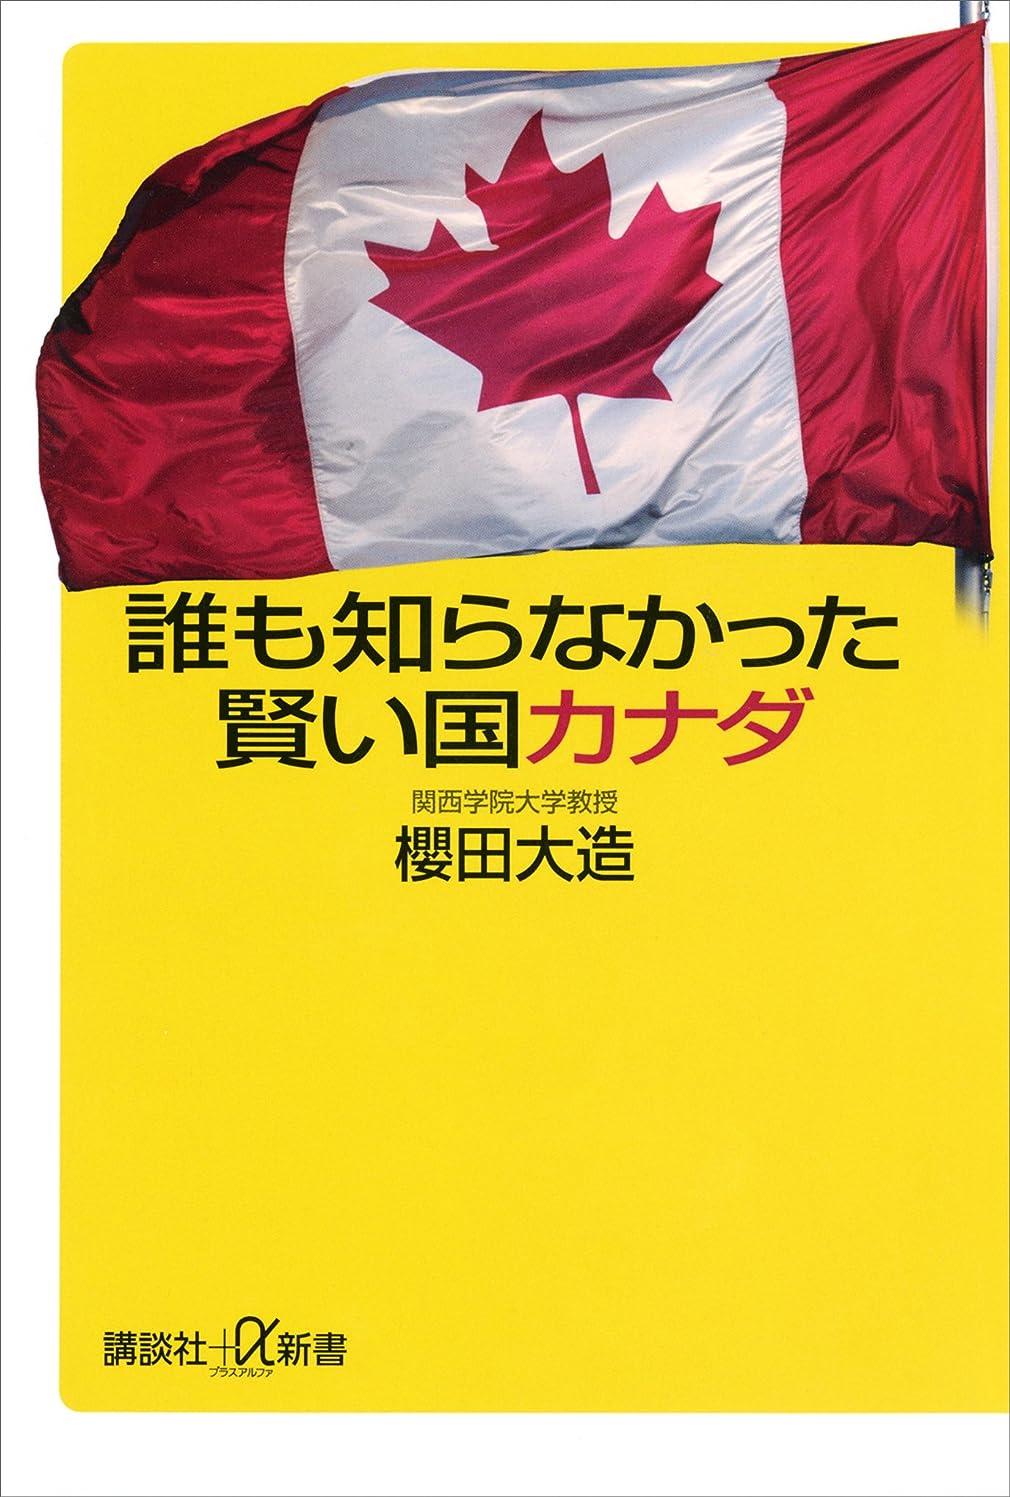 キャロライン文明化ナイトスポット誰も知らなかった賢い国カナダ (講談社+α新書)